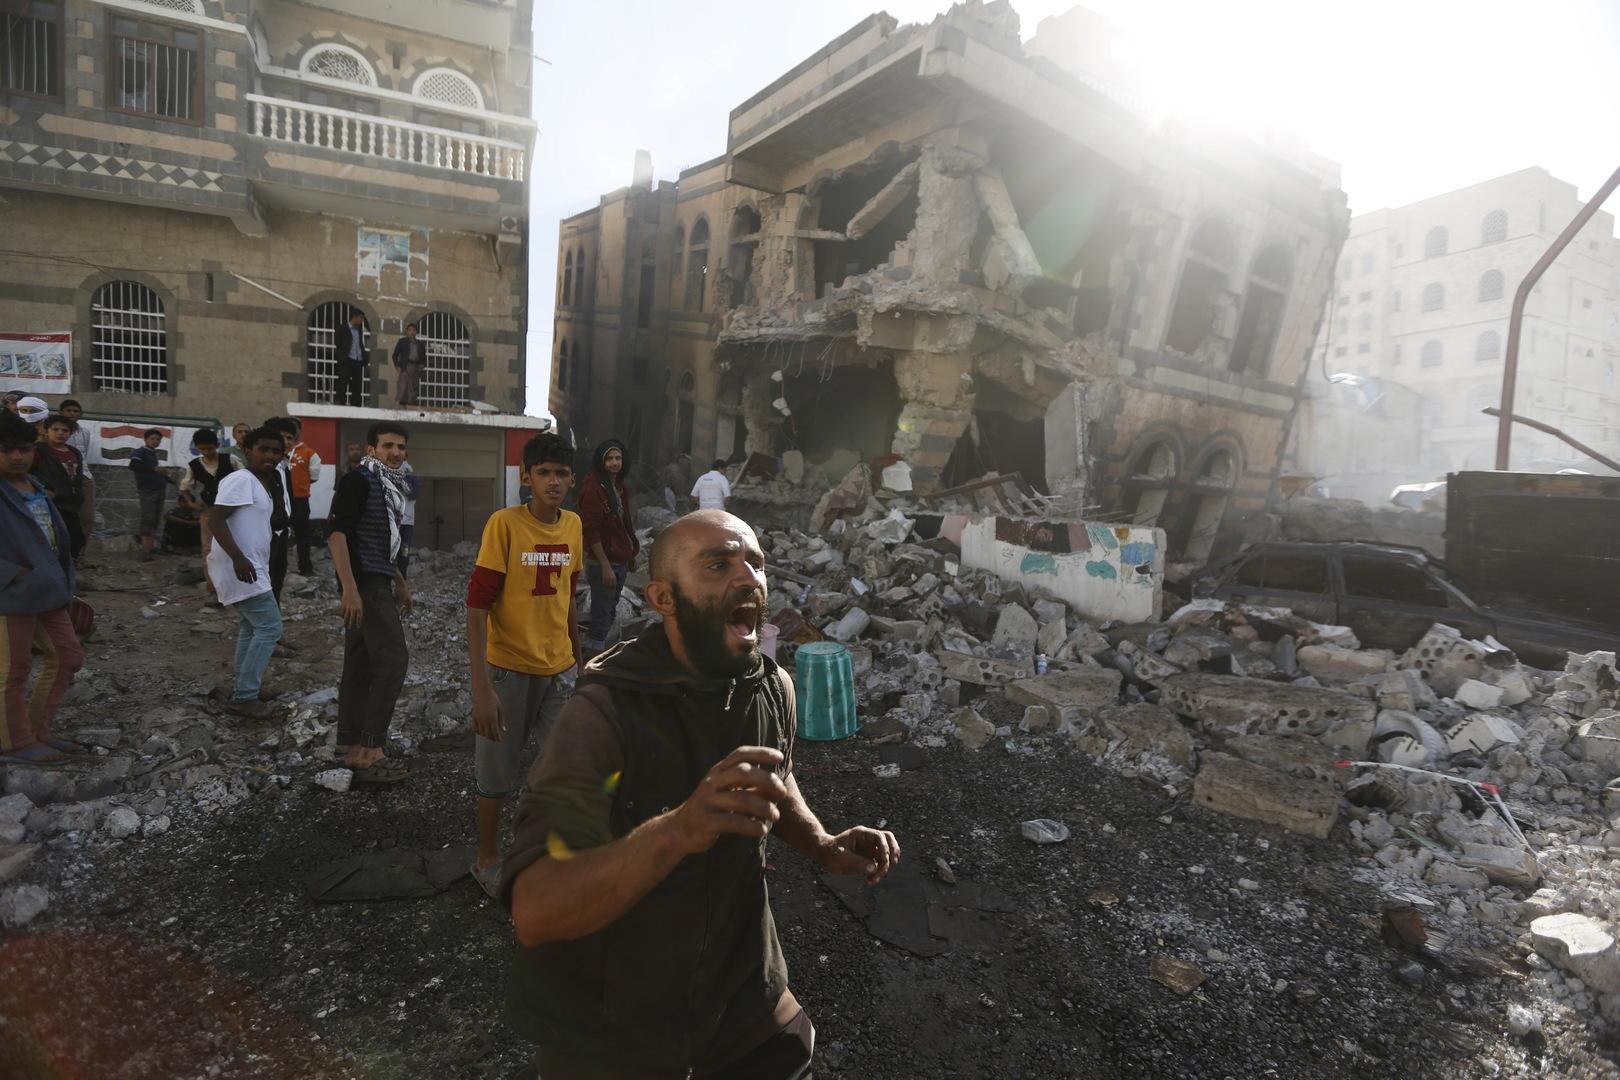 آثار غارة جوية للتحالف العربي على مدينة صنعاء